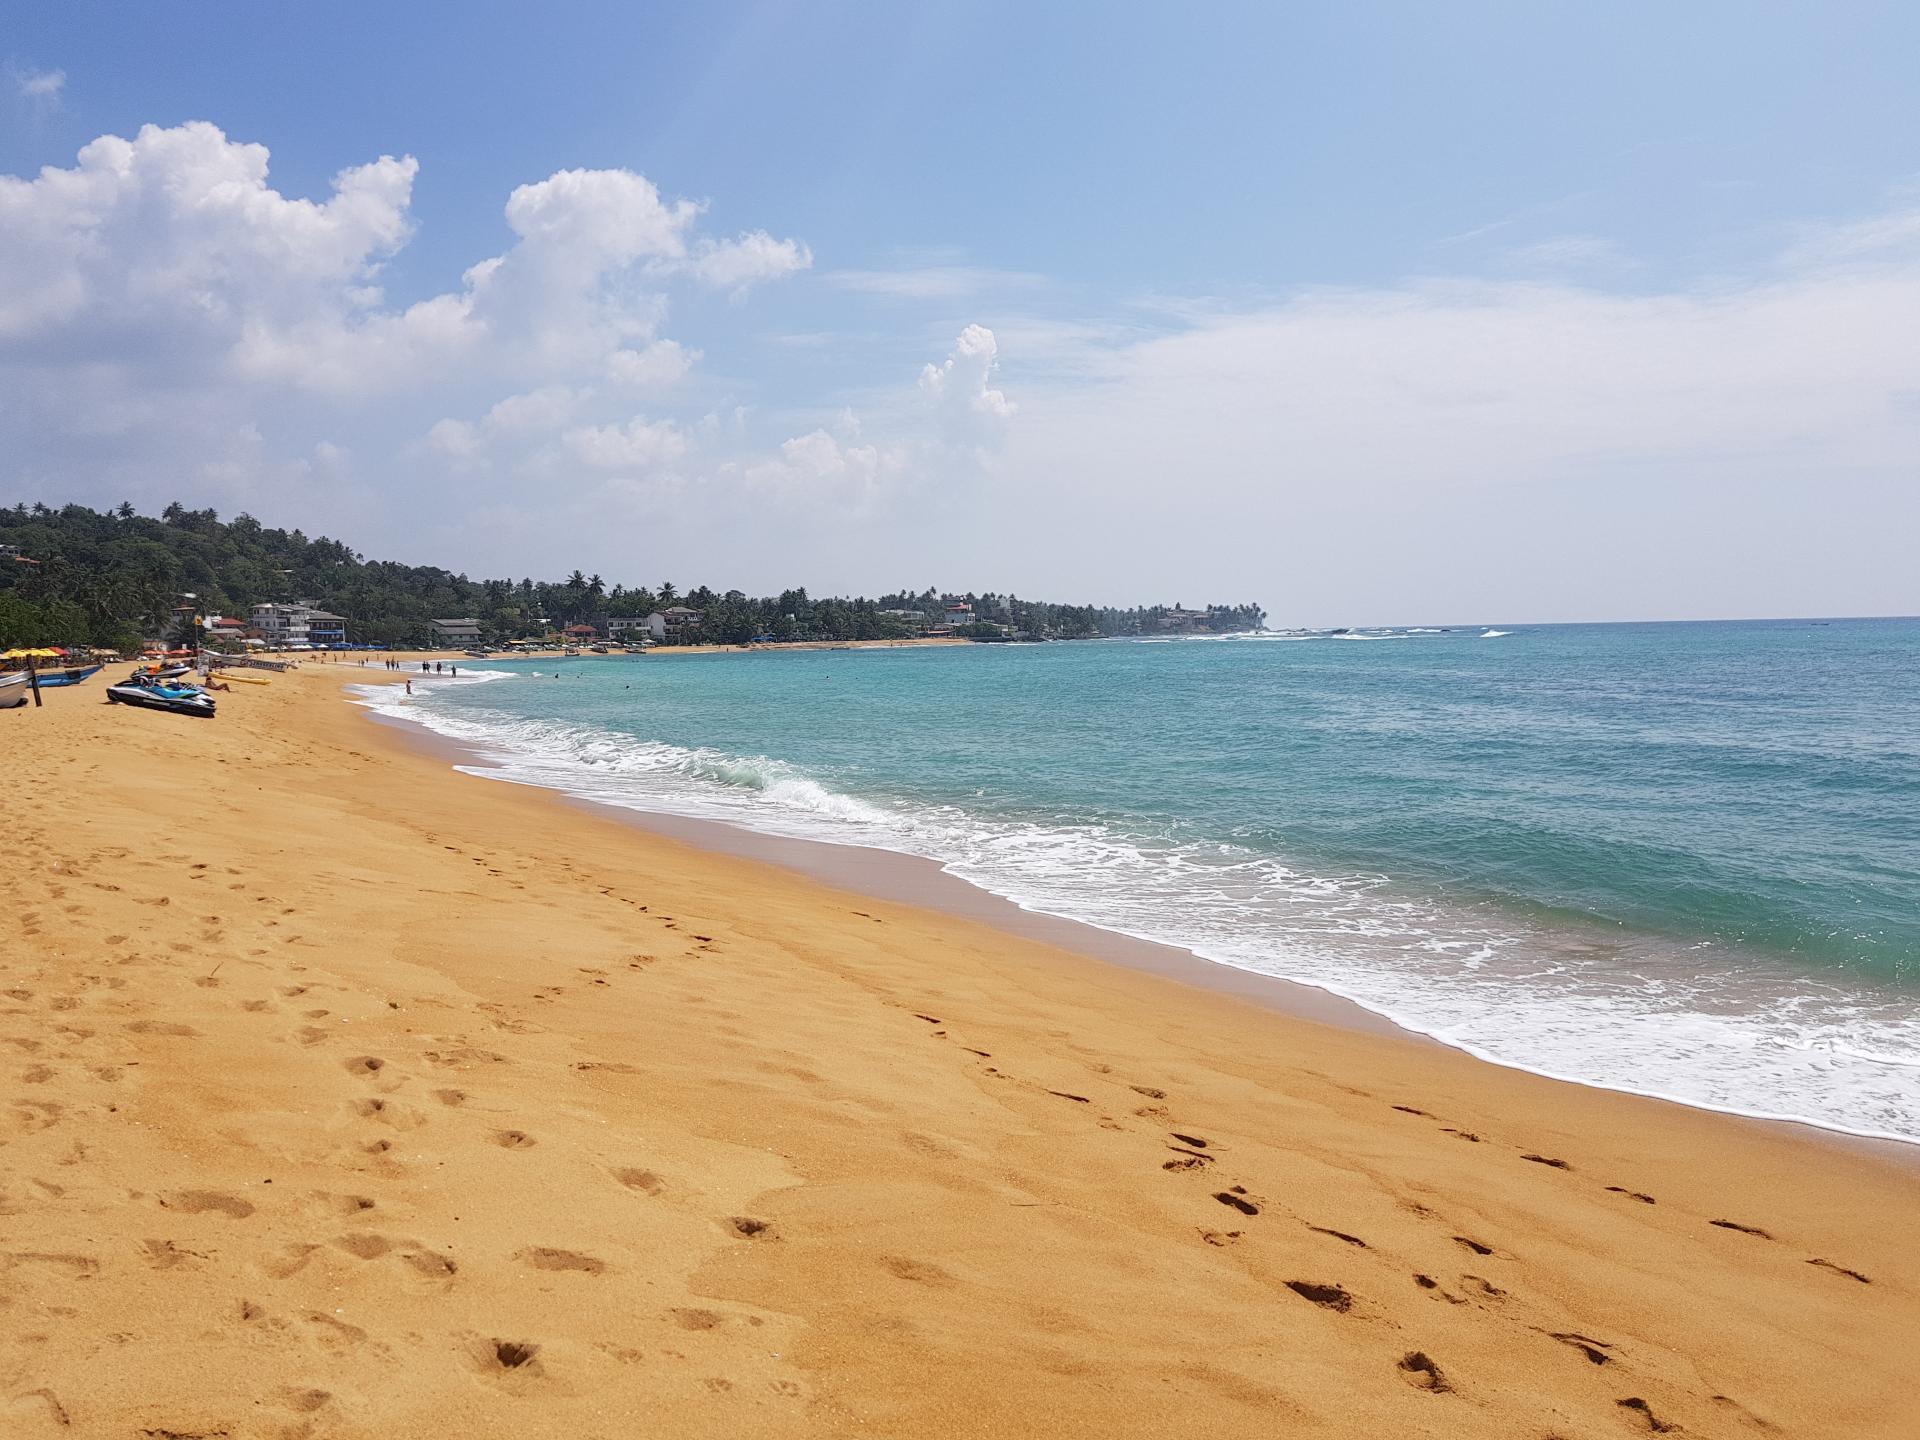 песчаный пляж, Унаватуна, Шри-Ланка